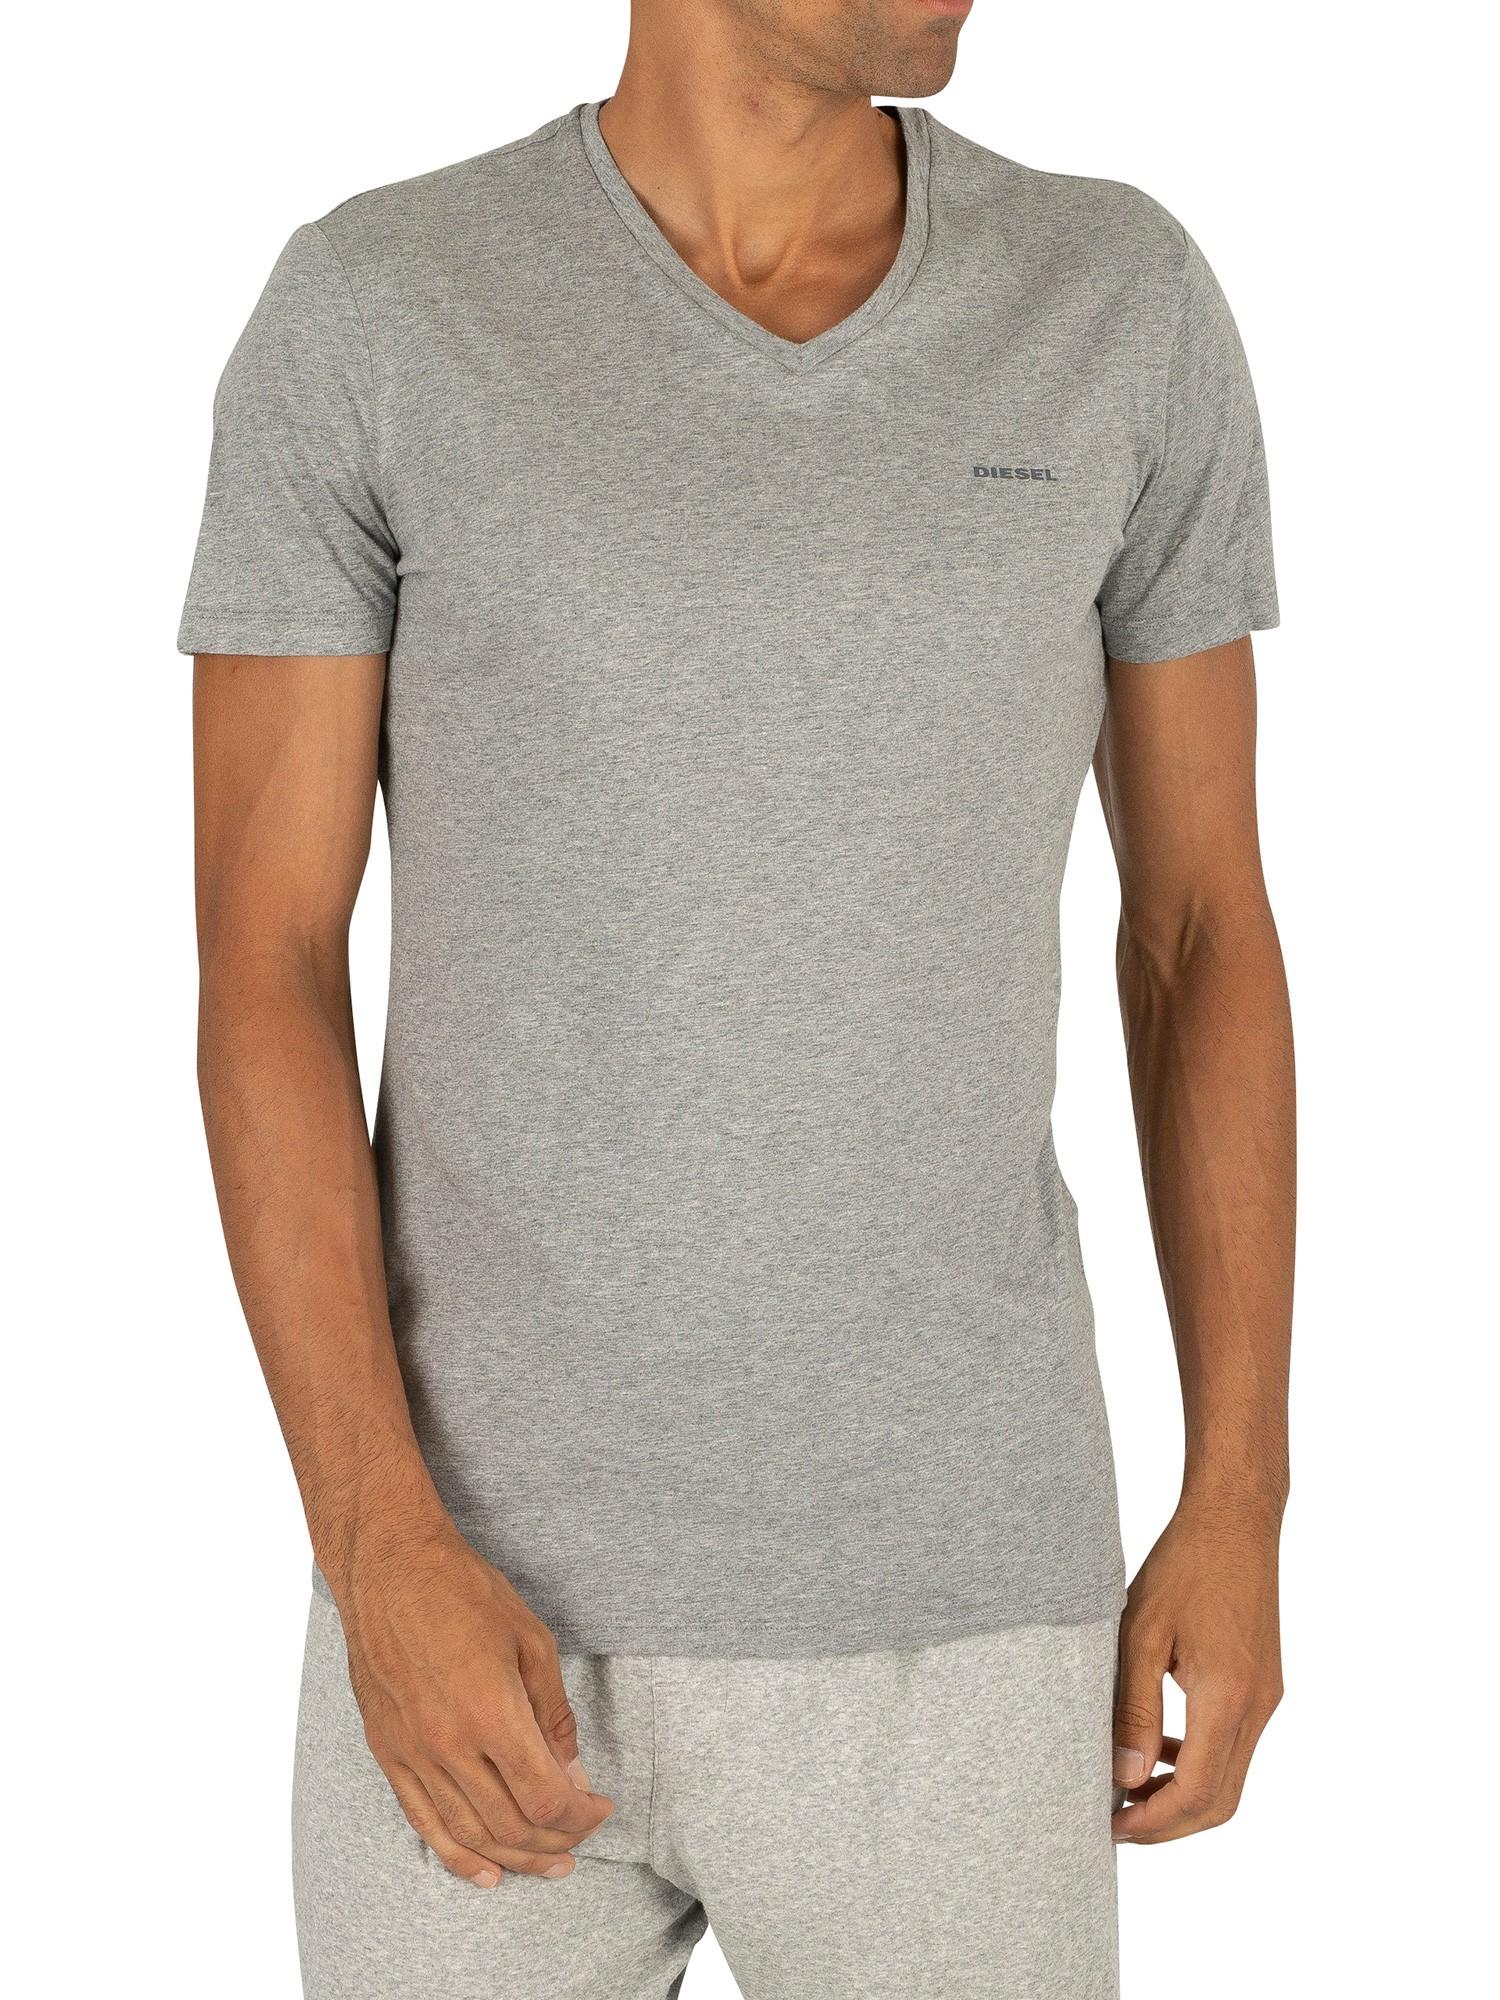 Diesel 3 Pack Jake Plain Logo V-Neck T-Shirts - White ...